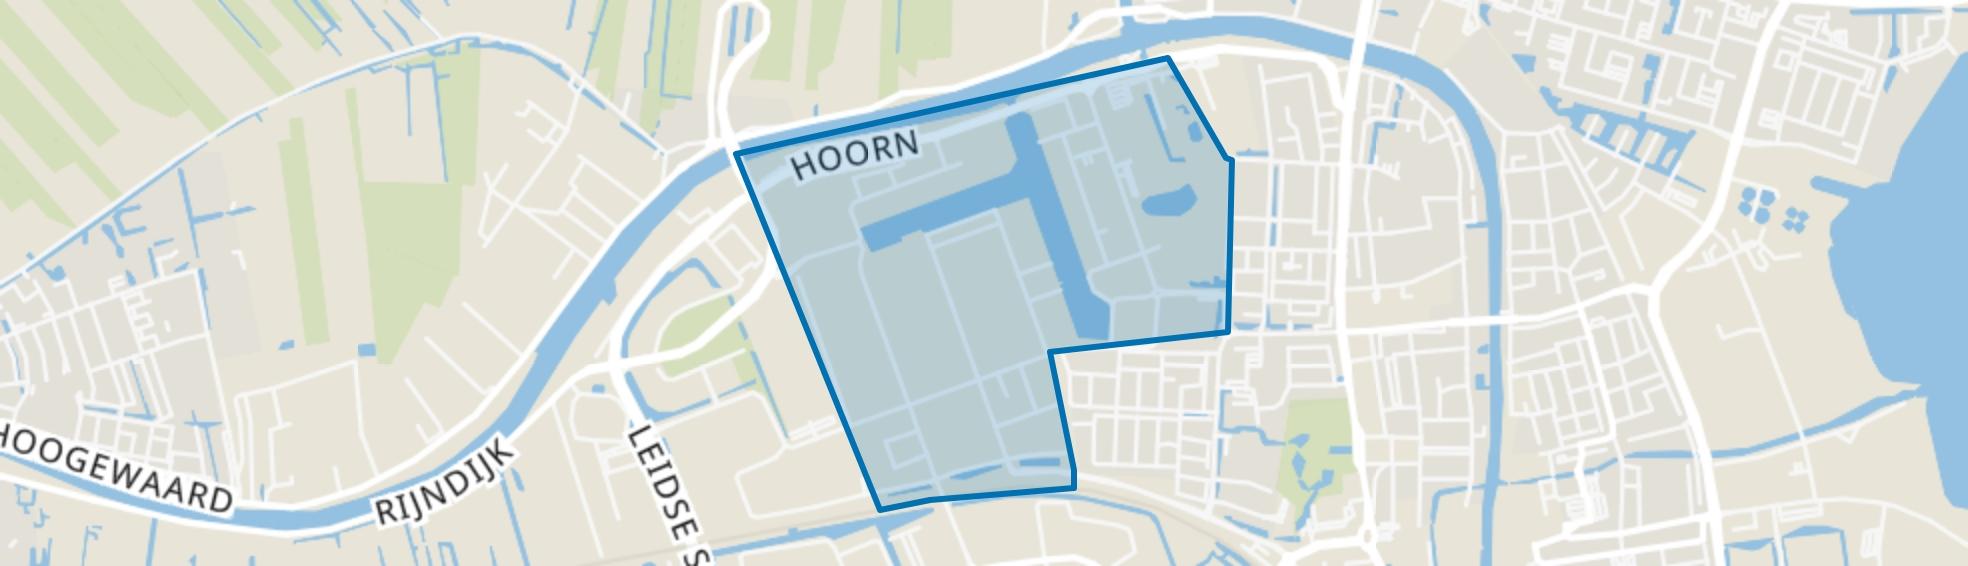 Bedrijventerrein Rijnhaven-Oost, Alphen aan den Rijn map